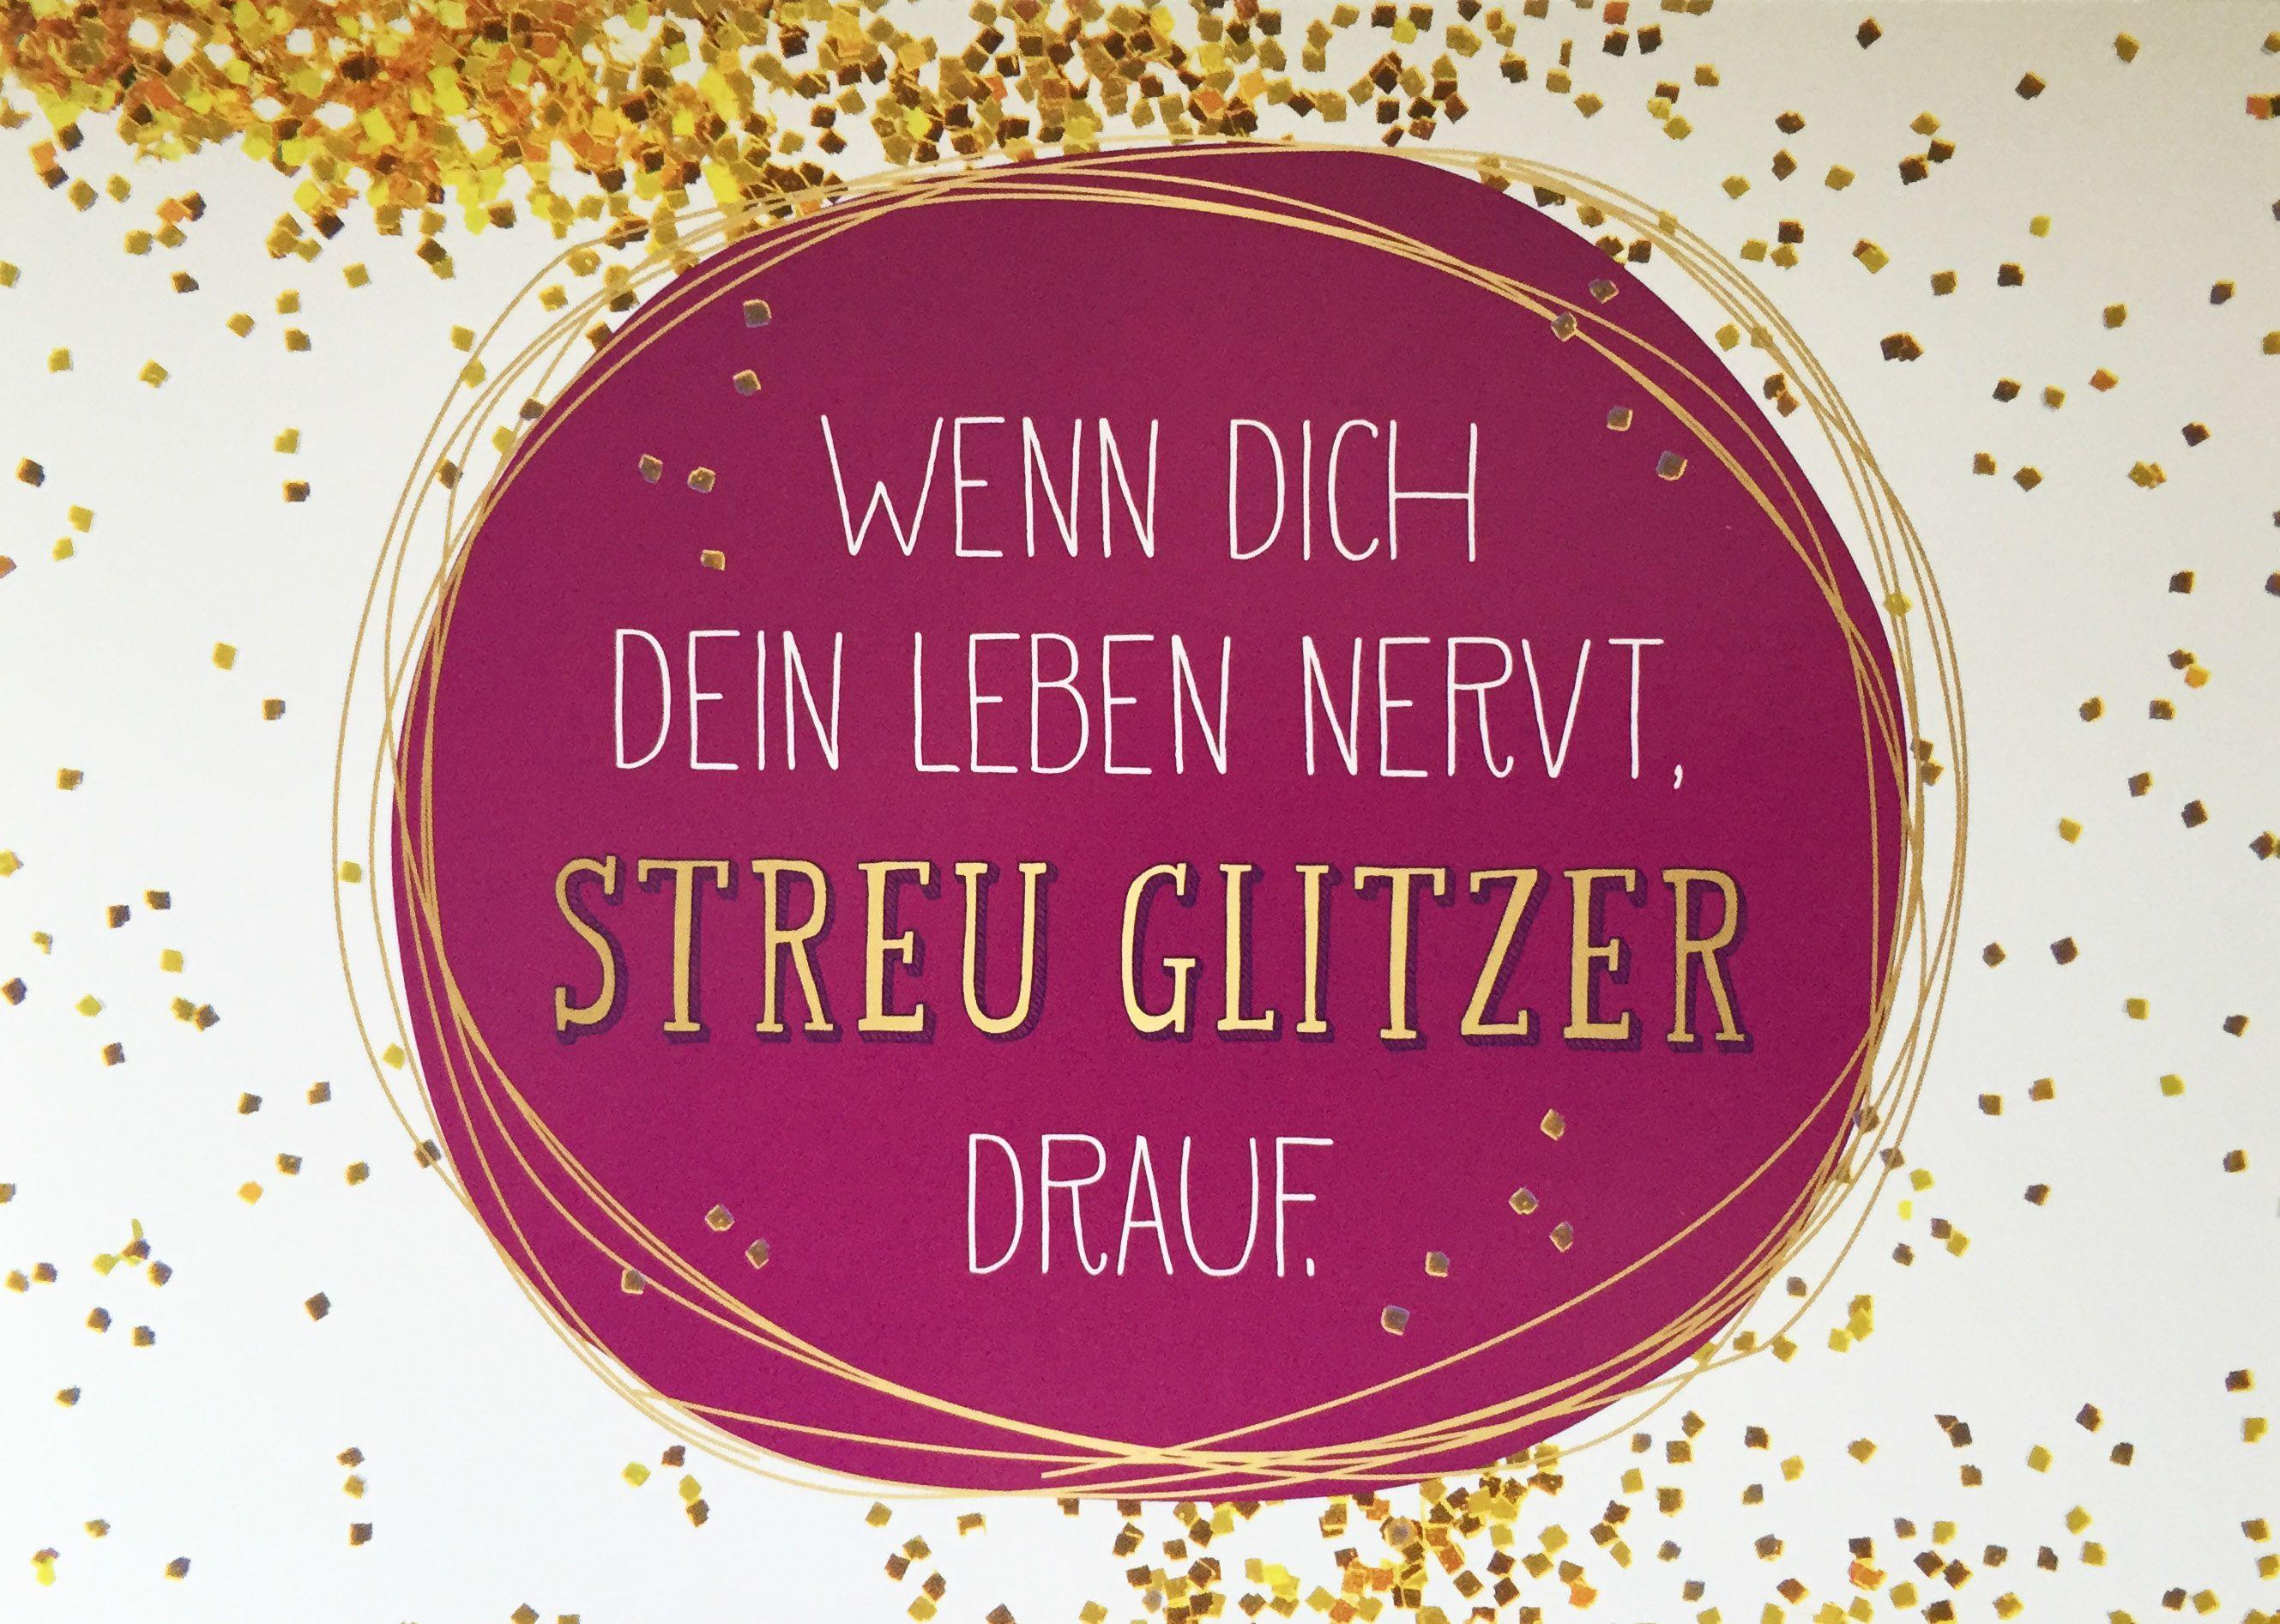 Wenn Dich Dein Leben nervt, STREU GLITZER drauf. www.coco